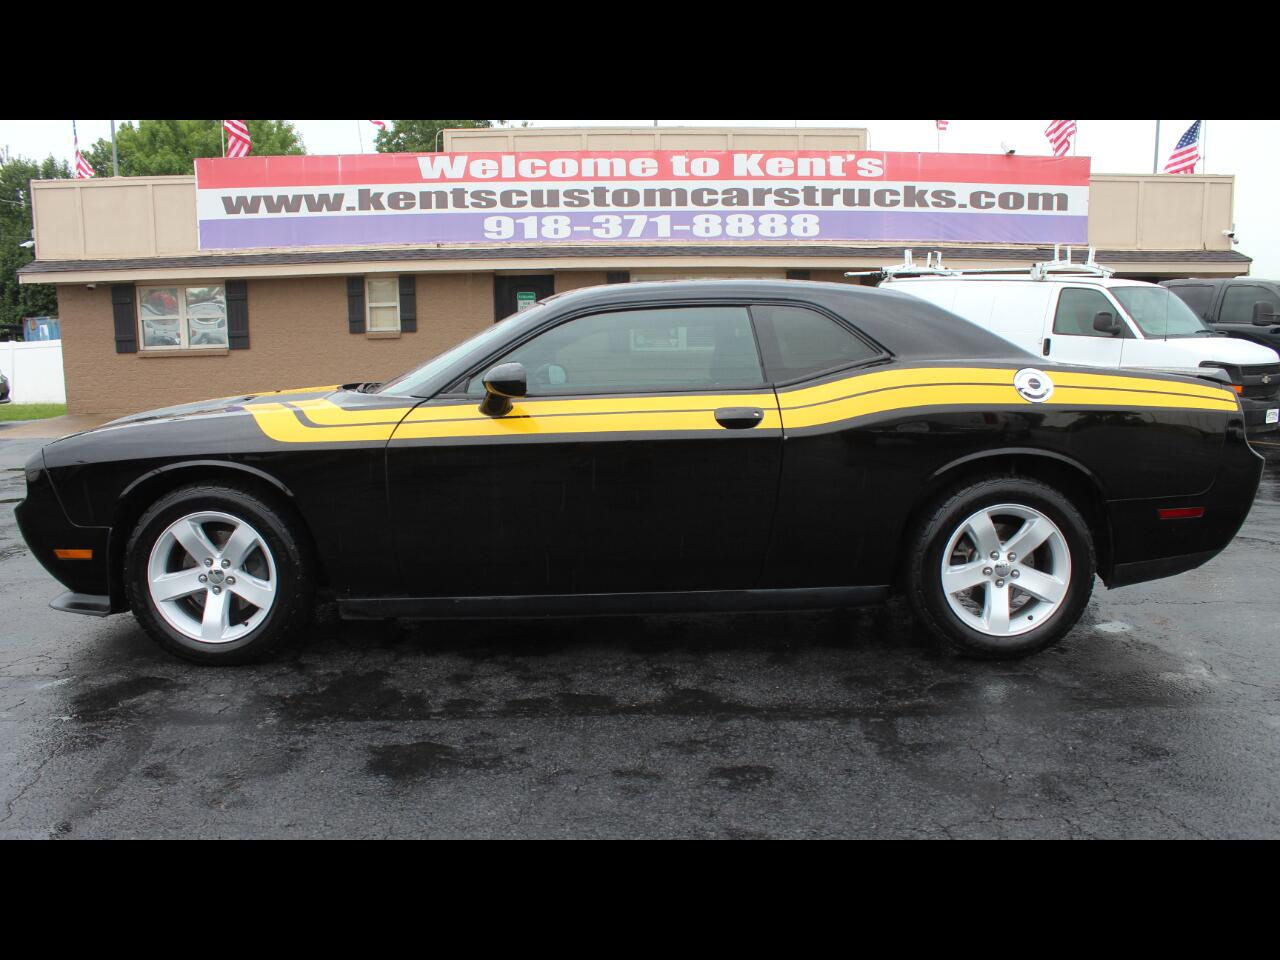 2013 Dodge Challenger SXT Coupe